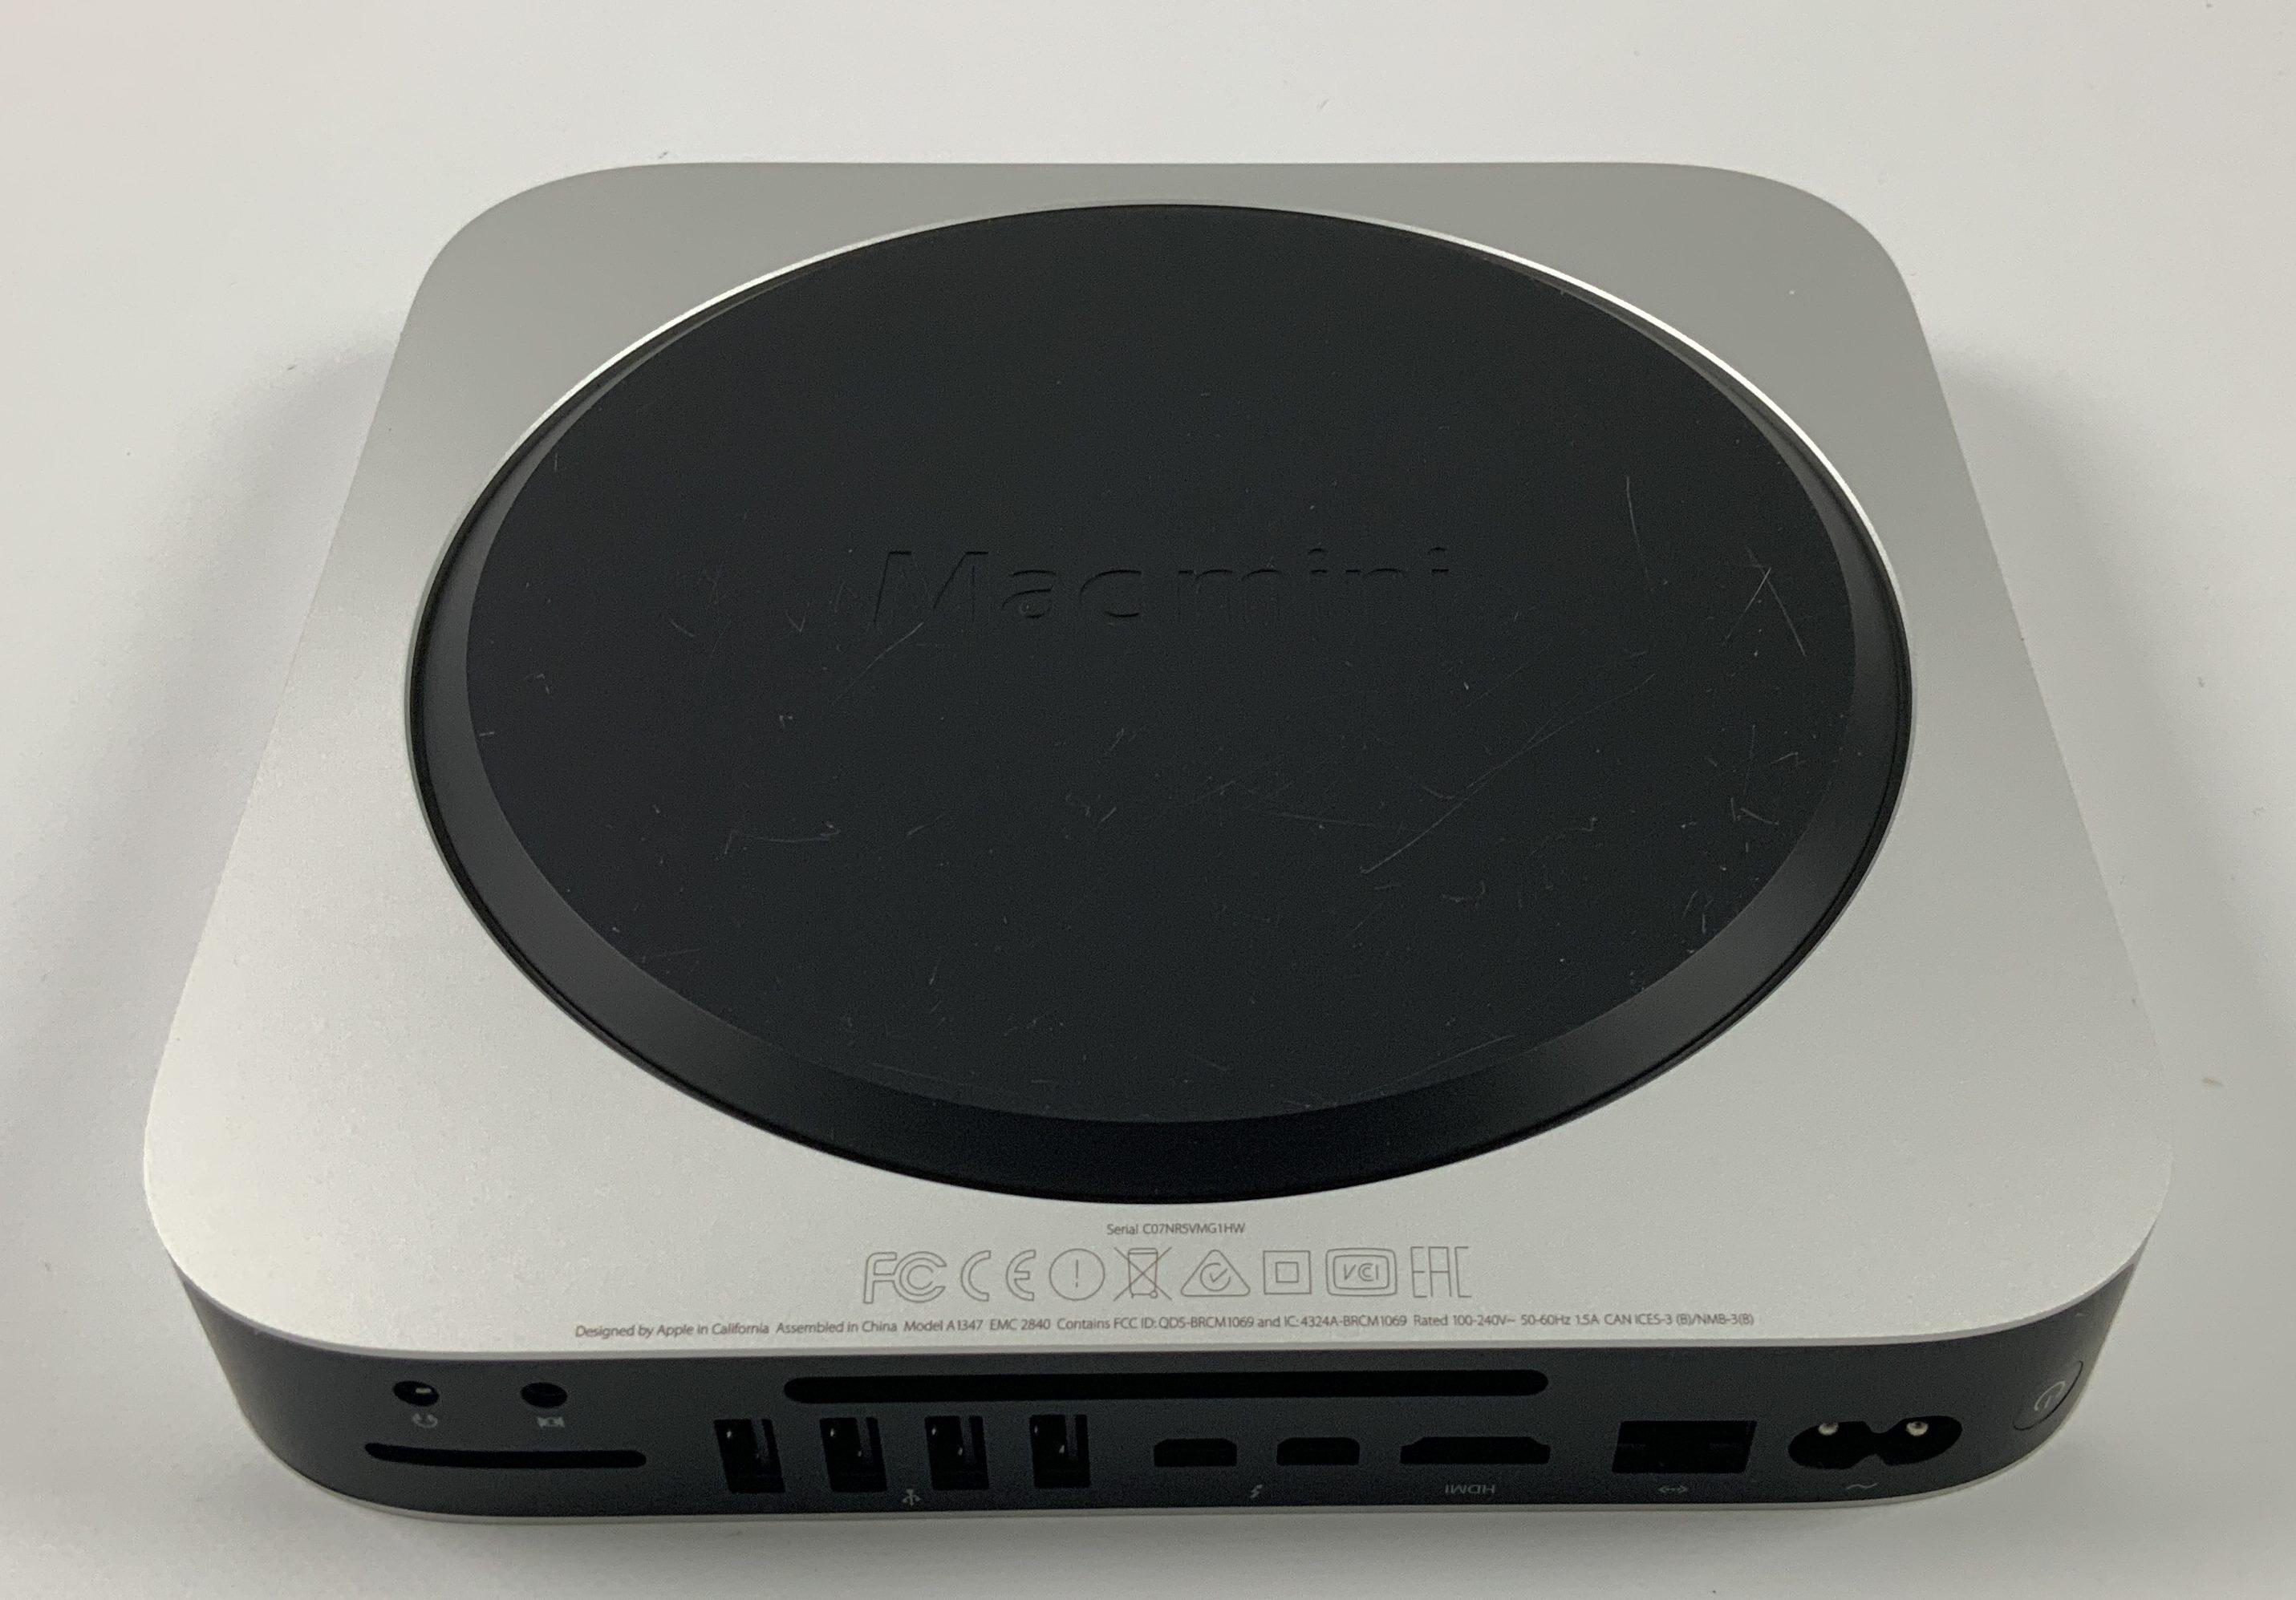 Mac Mini Late 2014 (Intel Core i5 2.6 GHz 8 GB RAM 1 TB HDD), Intel Core i5 2.6 GHz, 8 GB RAM, 1 TB HDD, Afbeelding 1